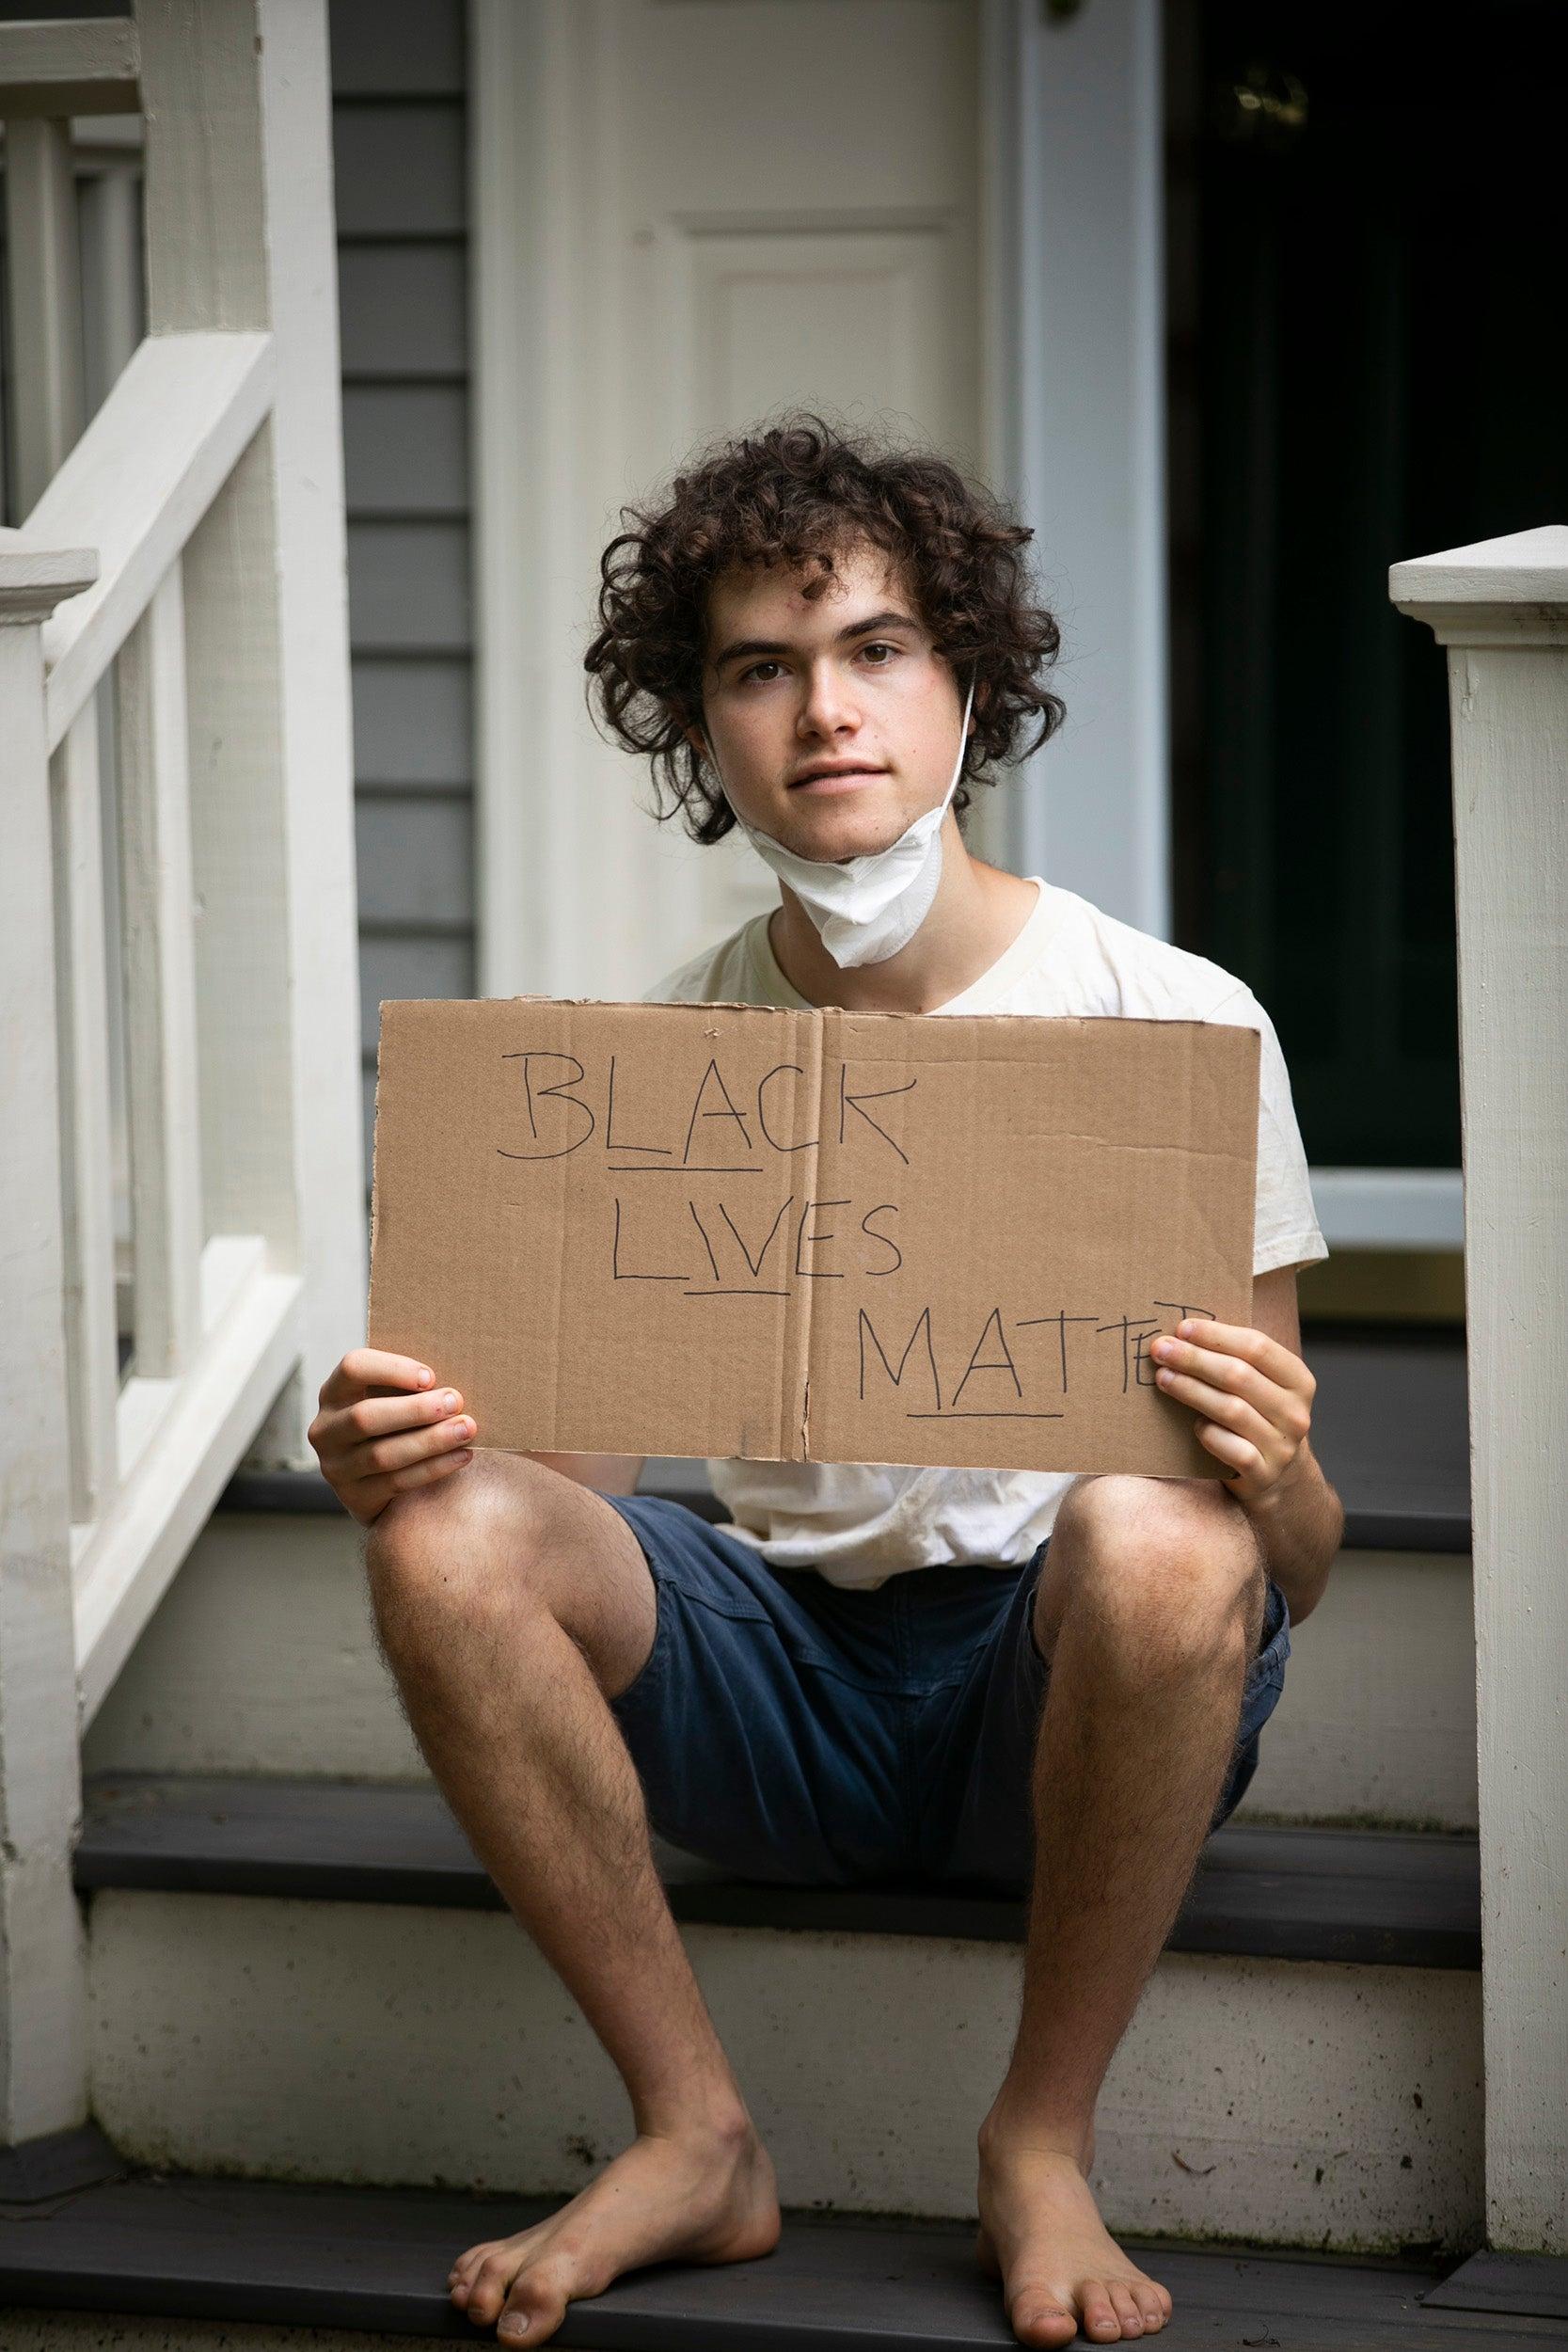 Jeremy Ornstein holds Black Lives Matter sign.